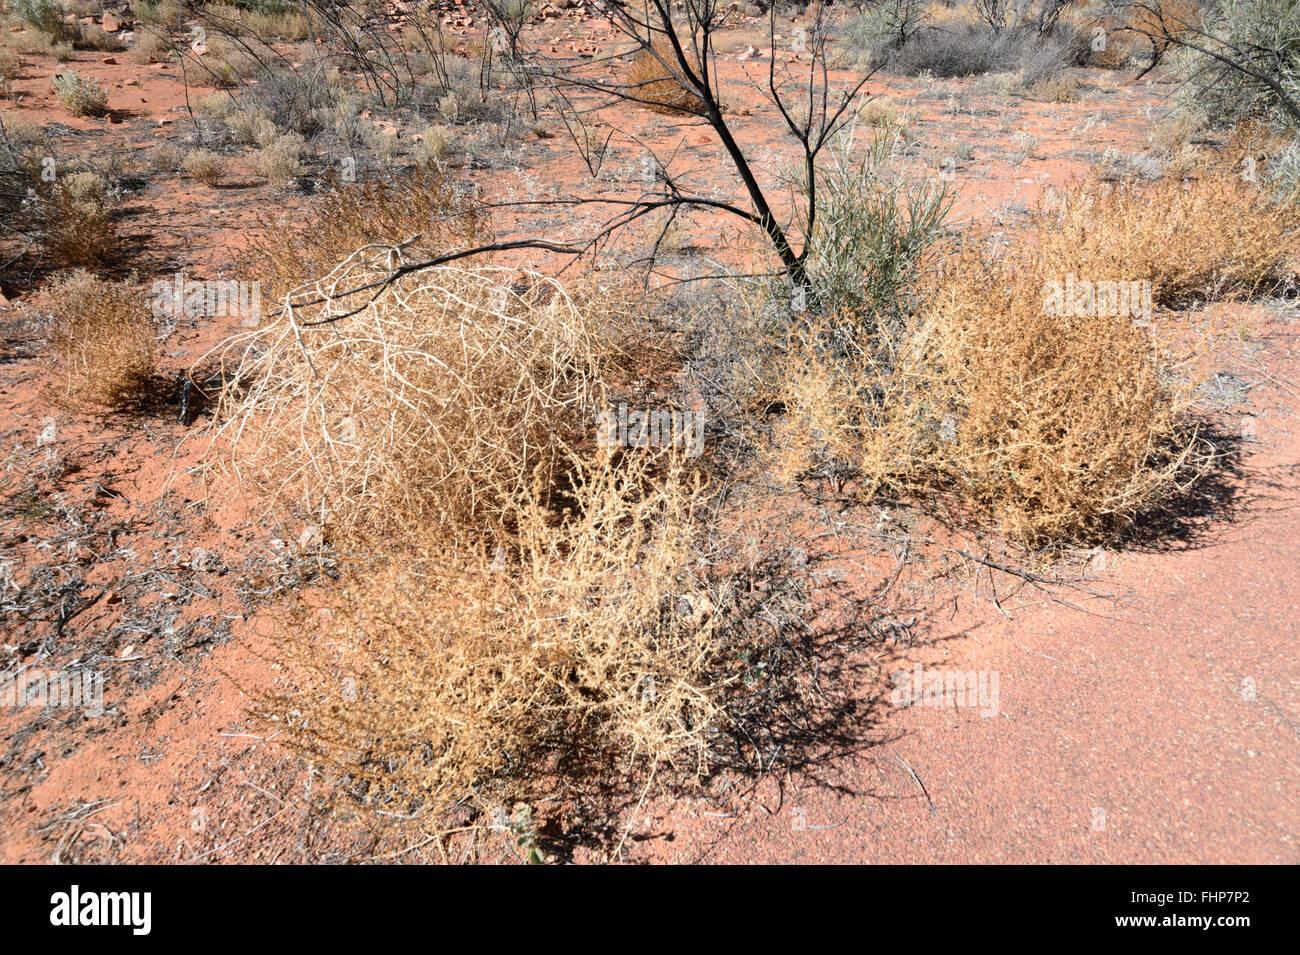 Wüste Vegetation, Northern Territory, Australien Stockbild